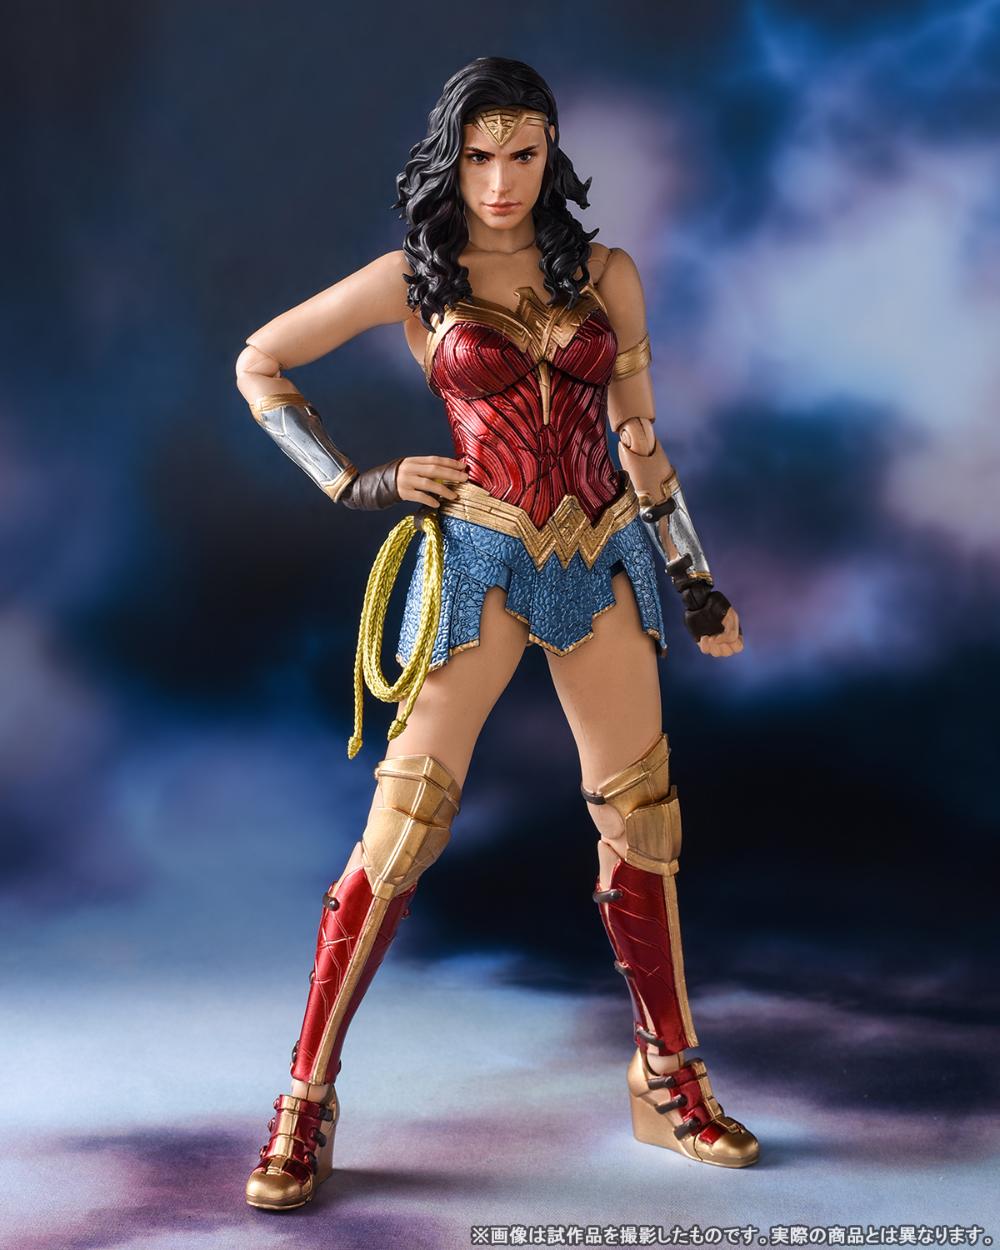 Pin By A B On Dc In 2020 Wonder Woman Gal Gadot Wonder Woman Women Figure